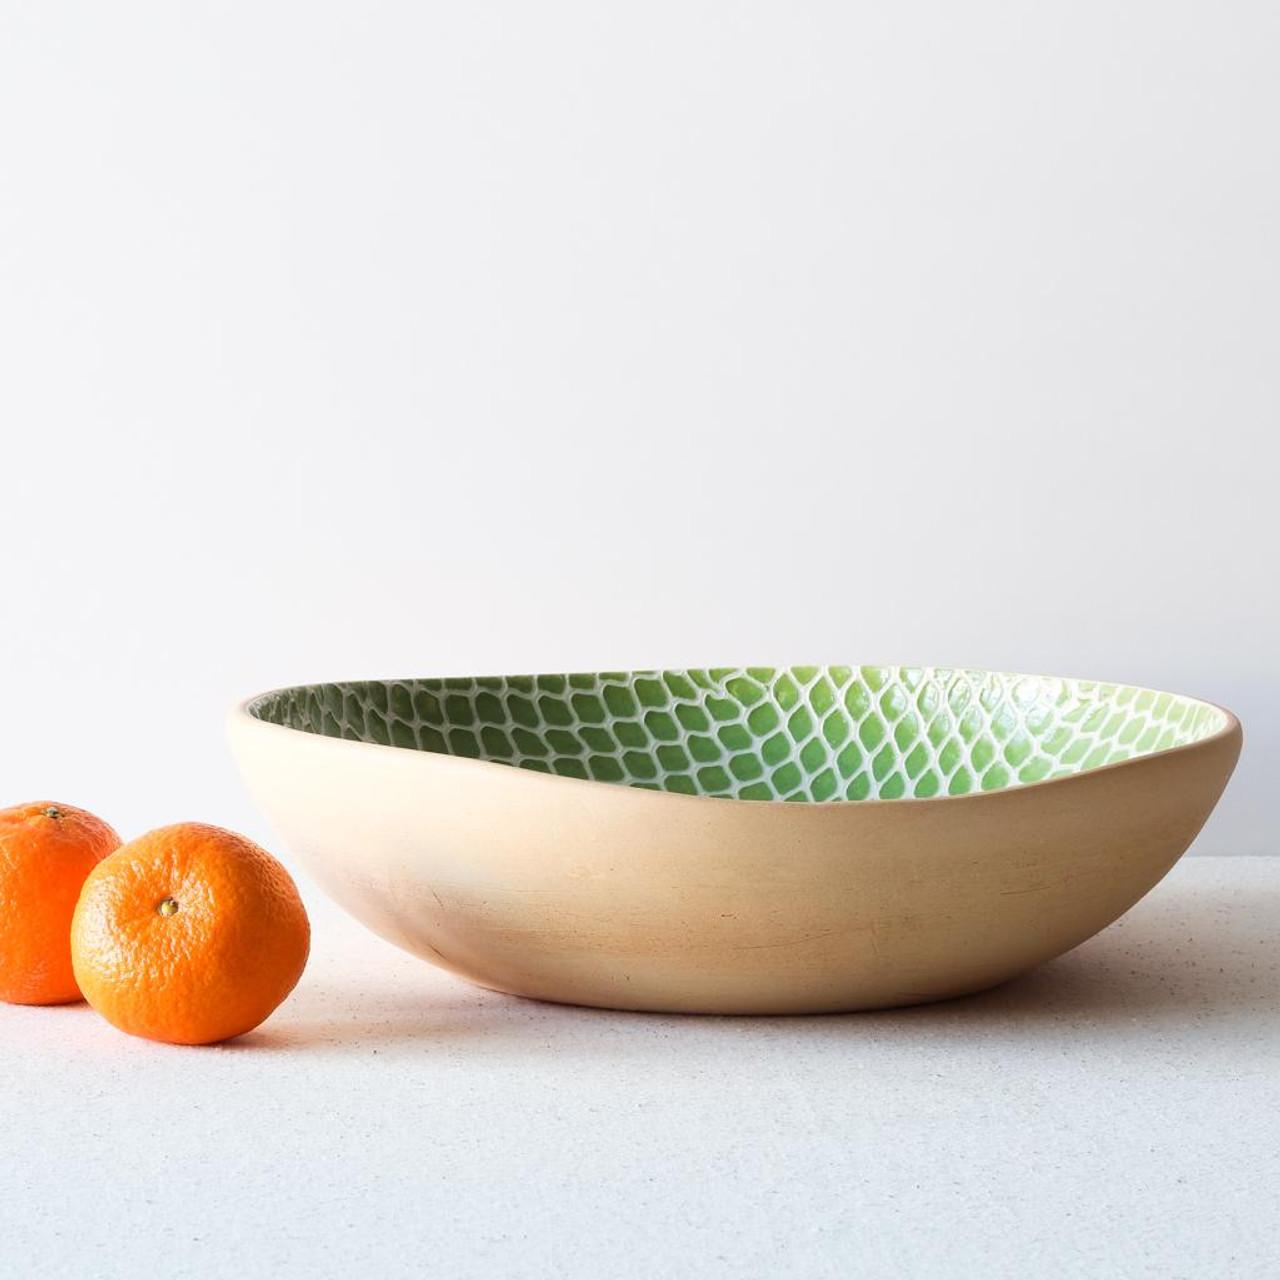 Terrafirma Ceramics Medium Serving Bowl (Citrus/Taj) with oranges